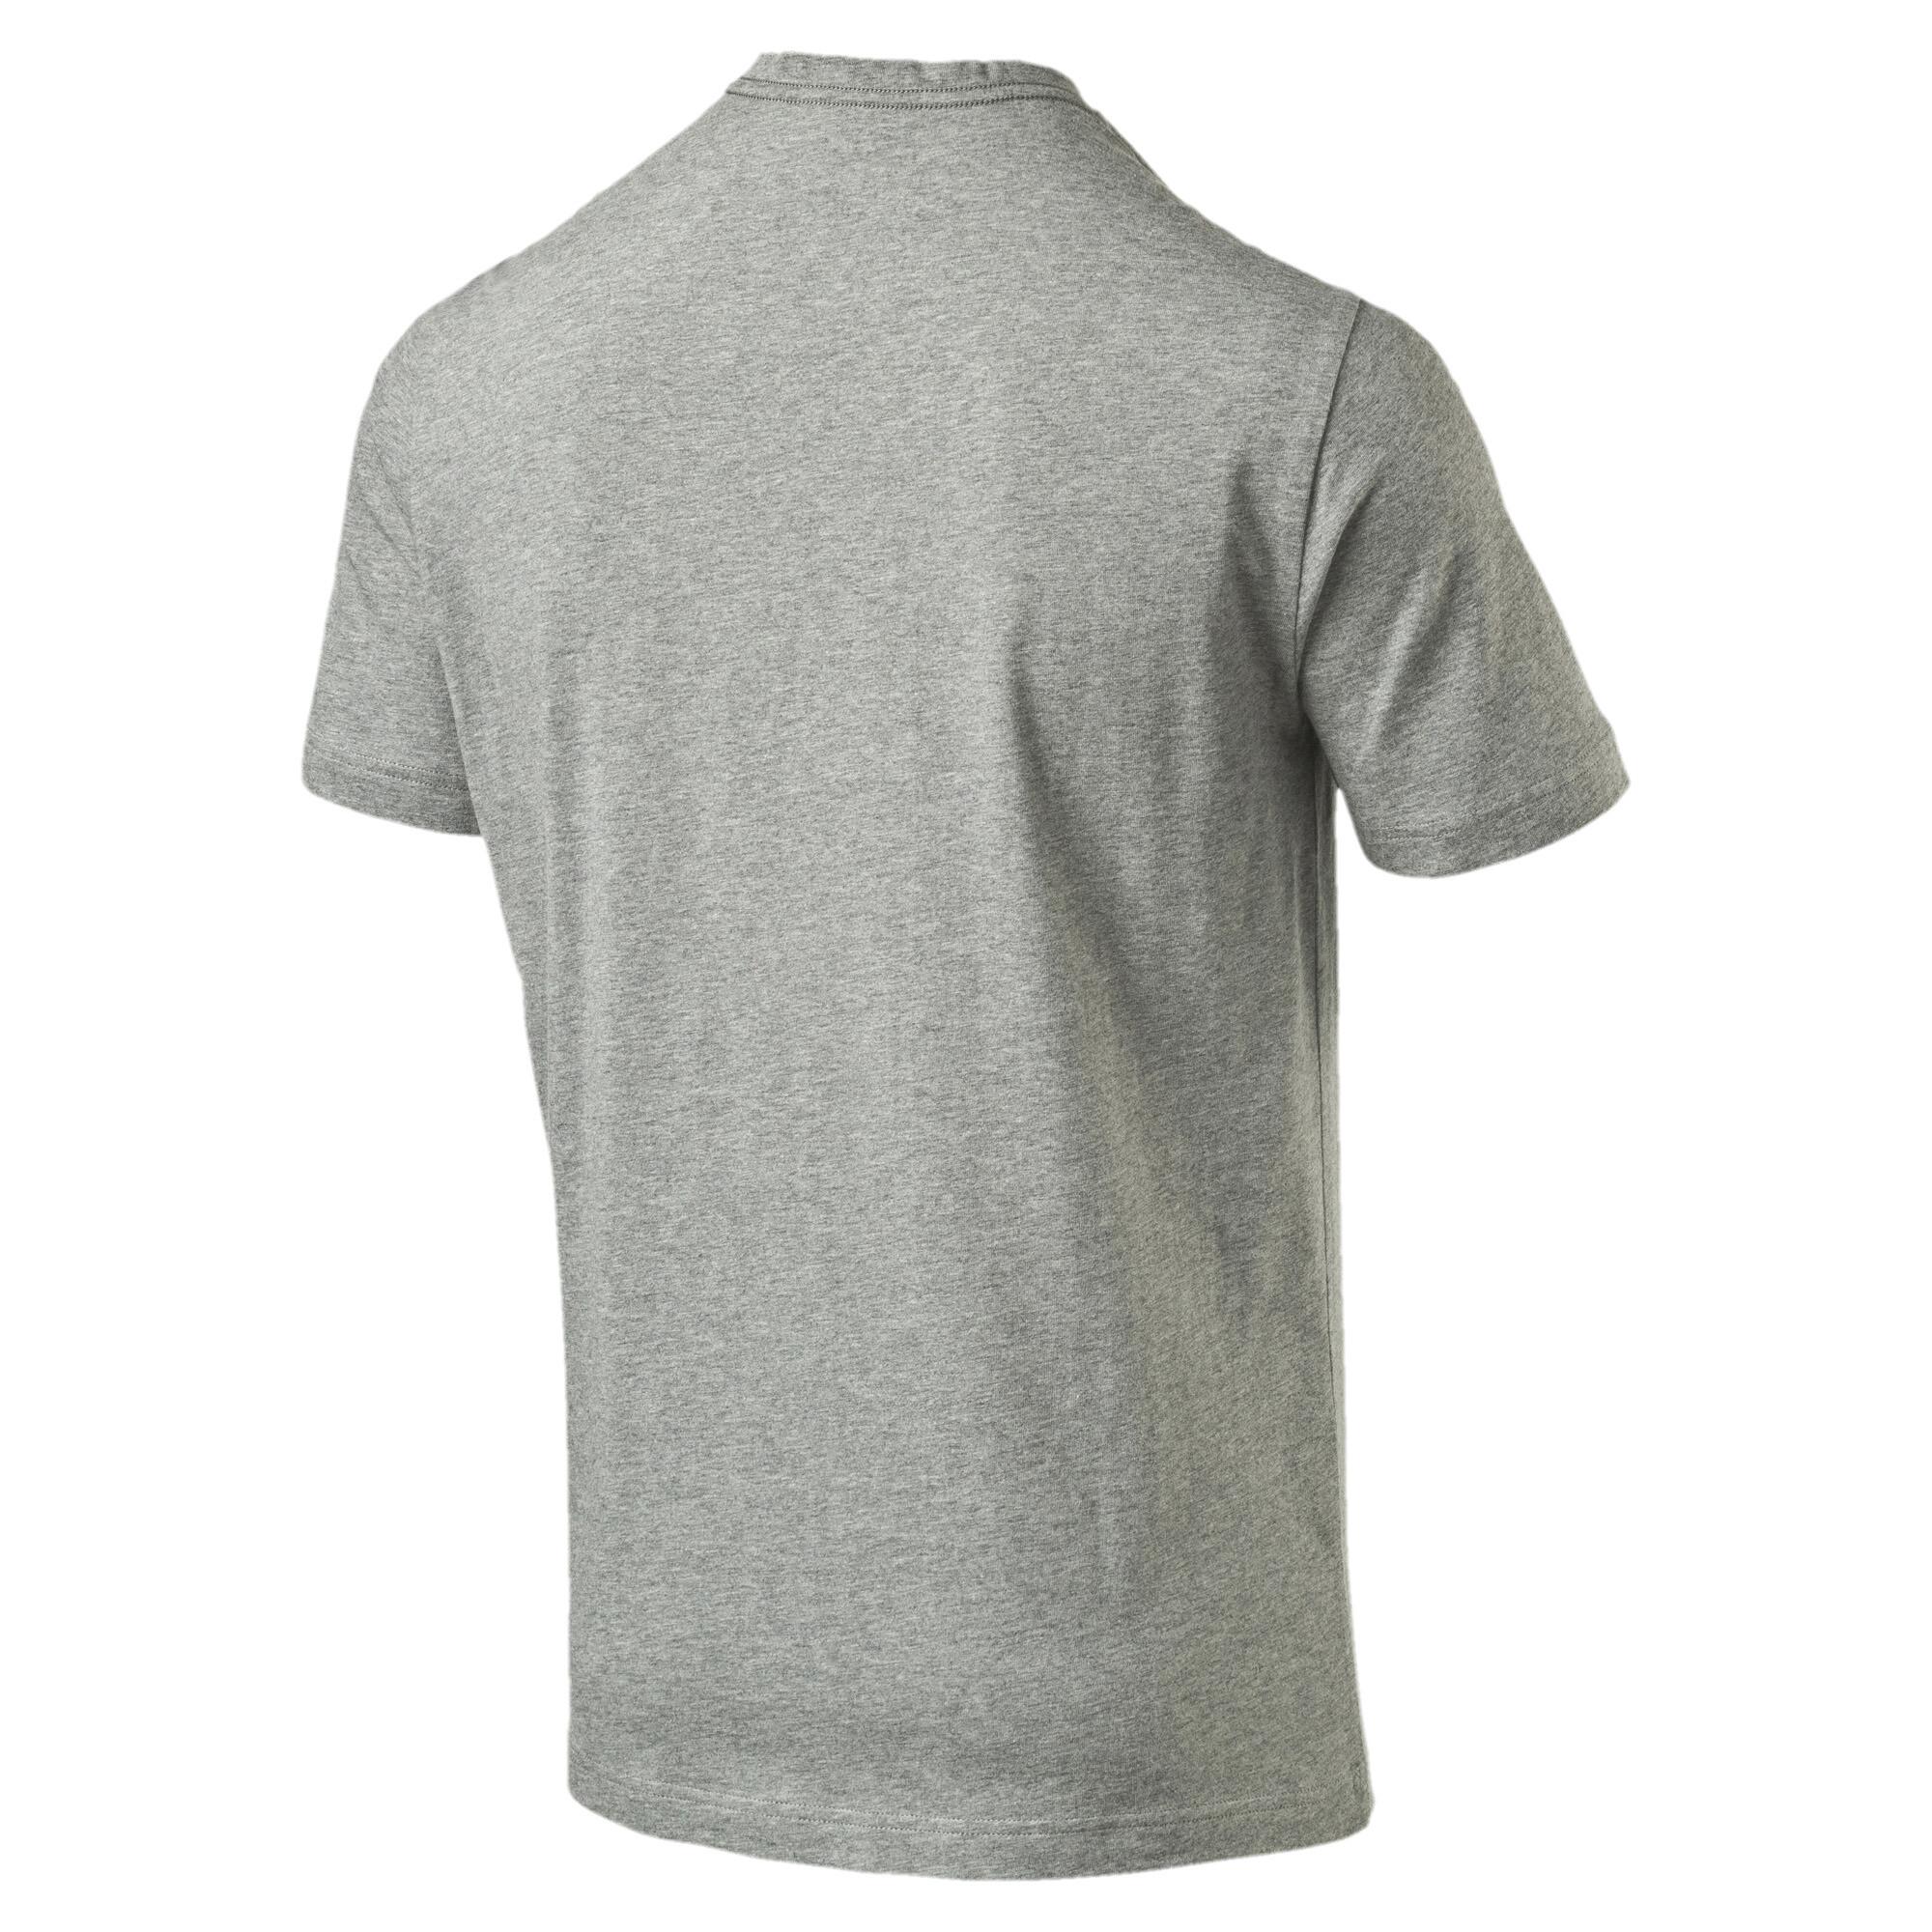 PUMA-Men-039-s-Iconic-V-Neck-T-Shirt thumbnail 3